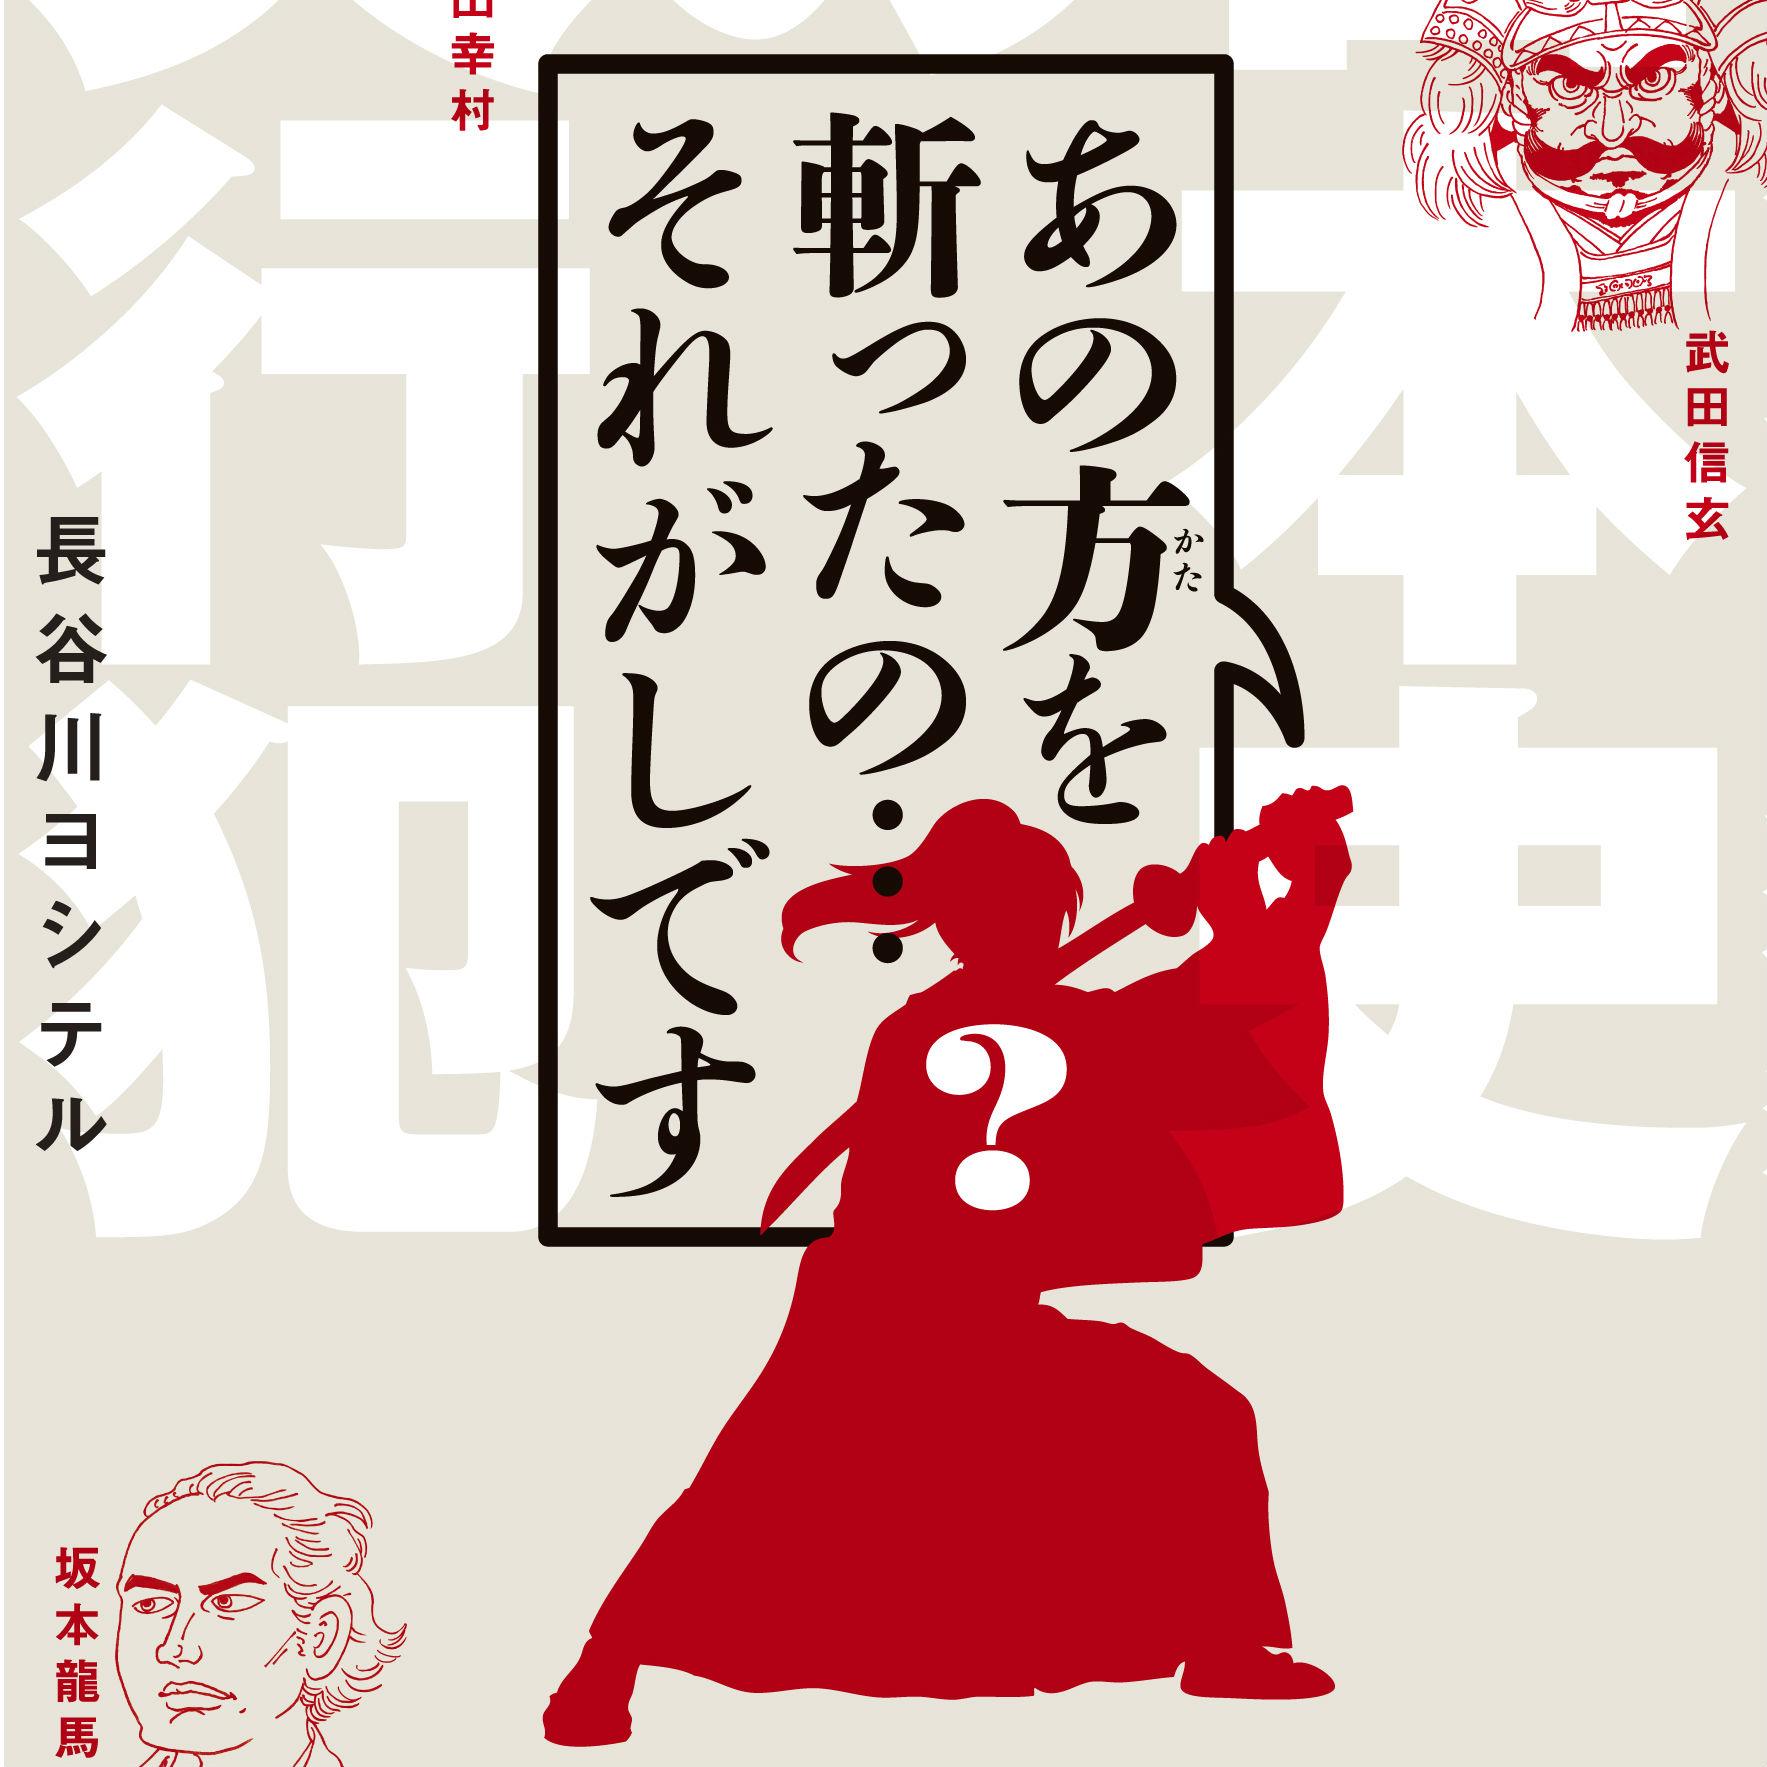 坂本龍馬、真田幸村、武田信玄…有名武将を討ち取ったのは超マイナーな人物たちだった!